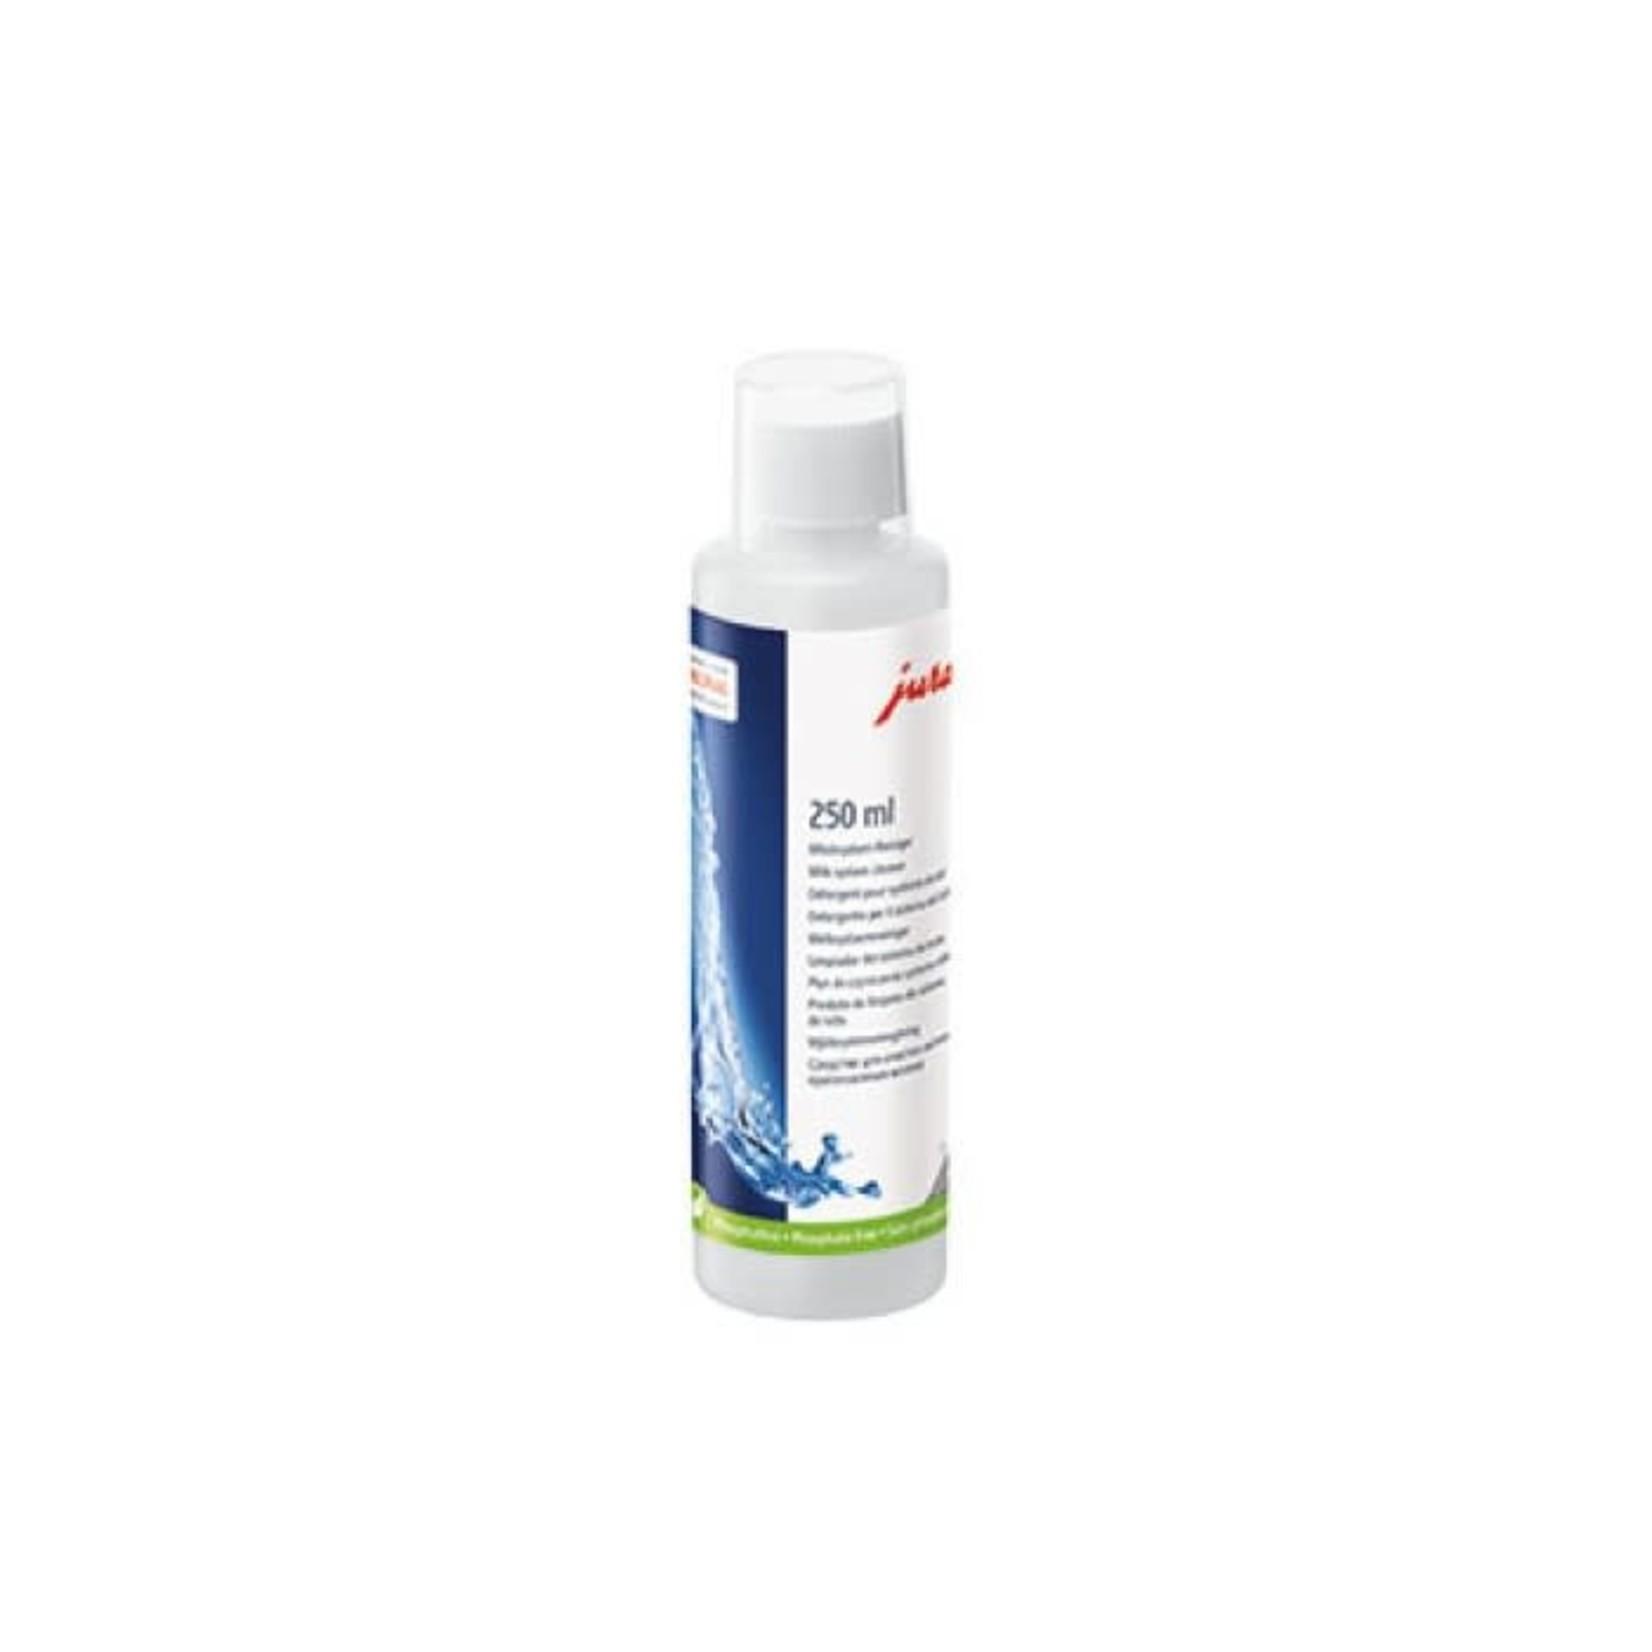 JURA Jura Milk System Cleaner 250ml